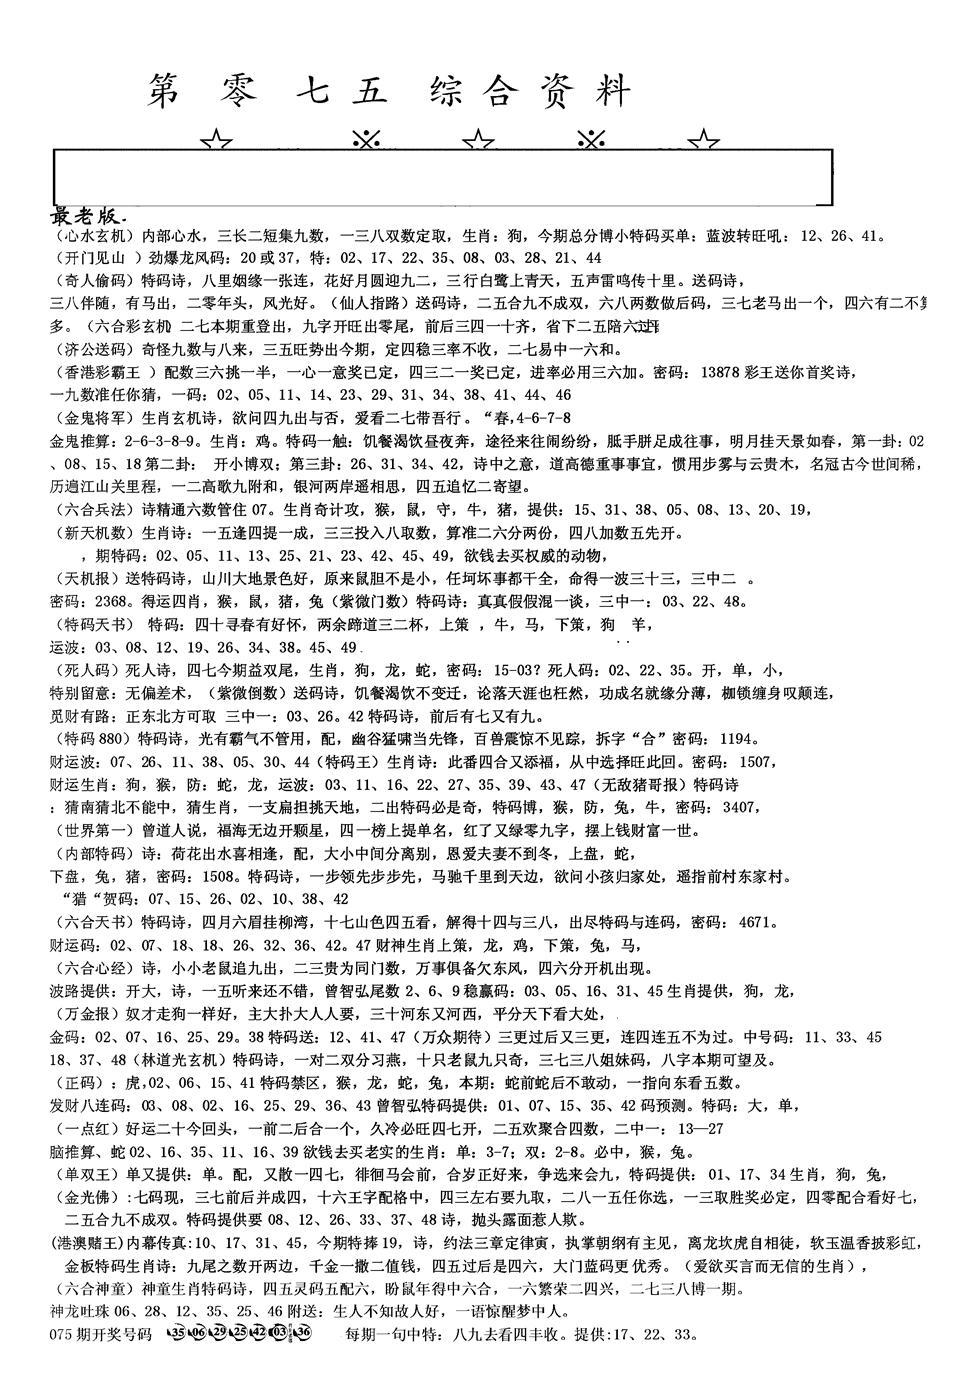 075期另版综合资料A(早图)(黑白)